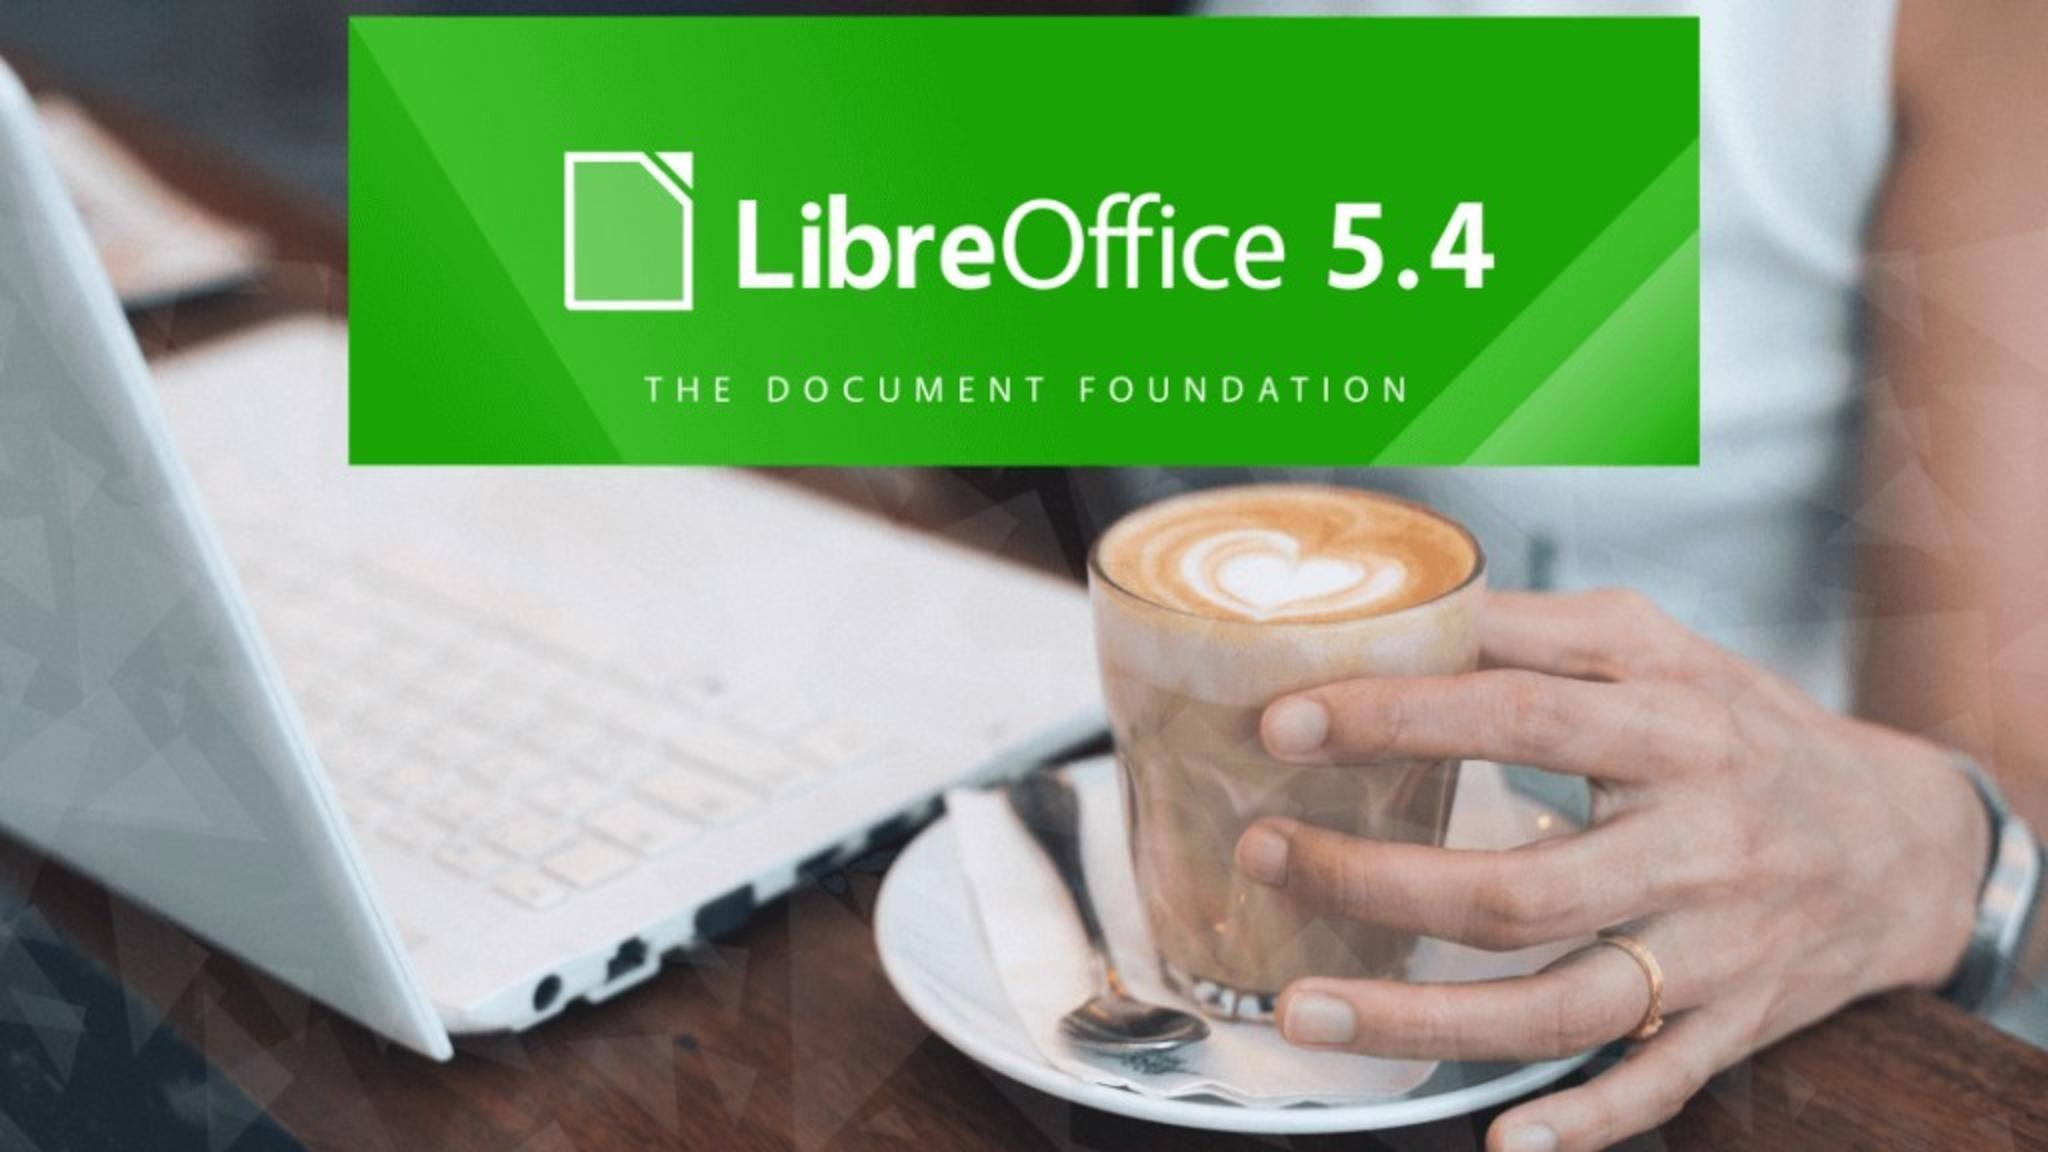 LibreOffice 5.4 bietet neue Features für alle enthaltenen Office-Programme.